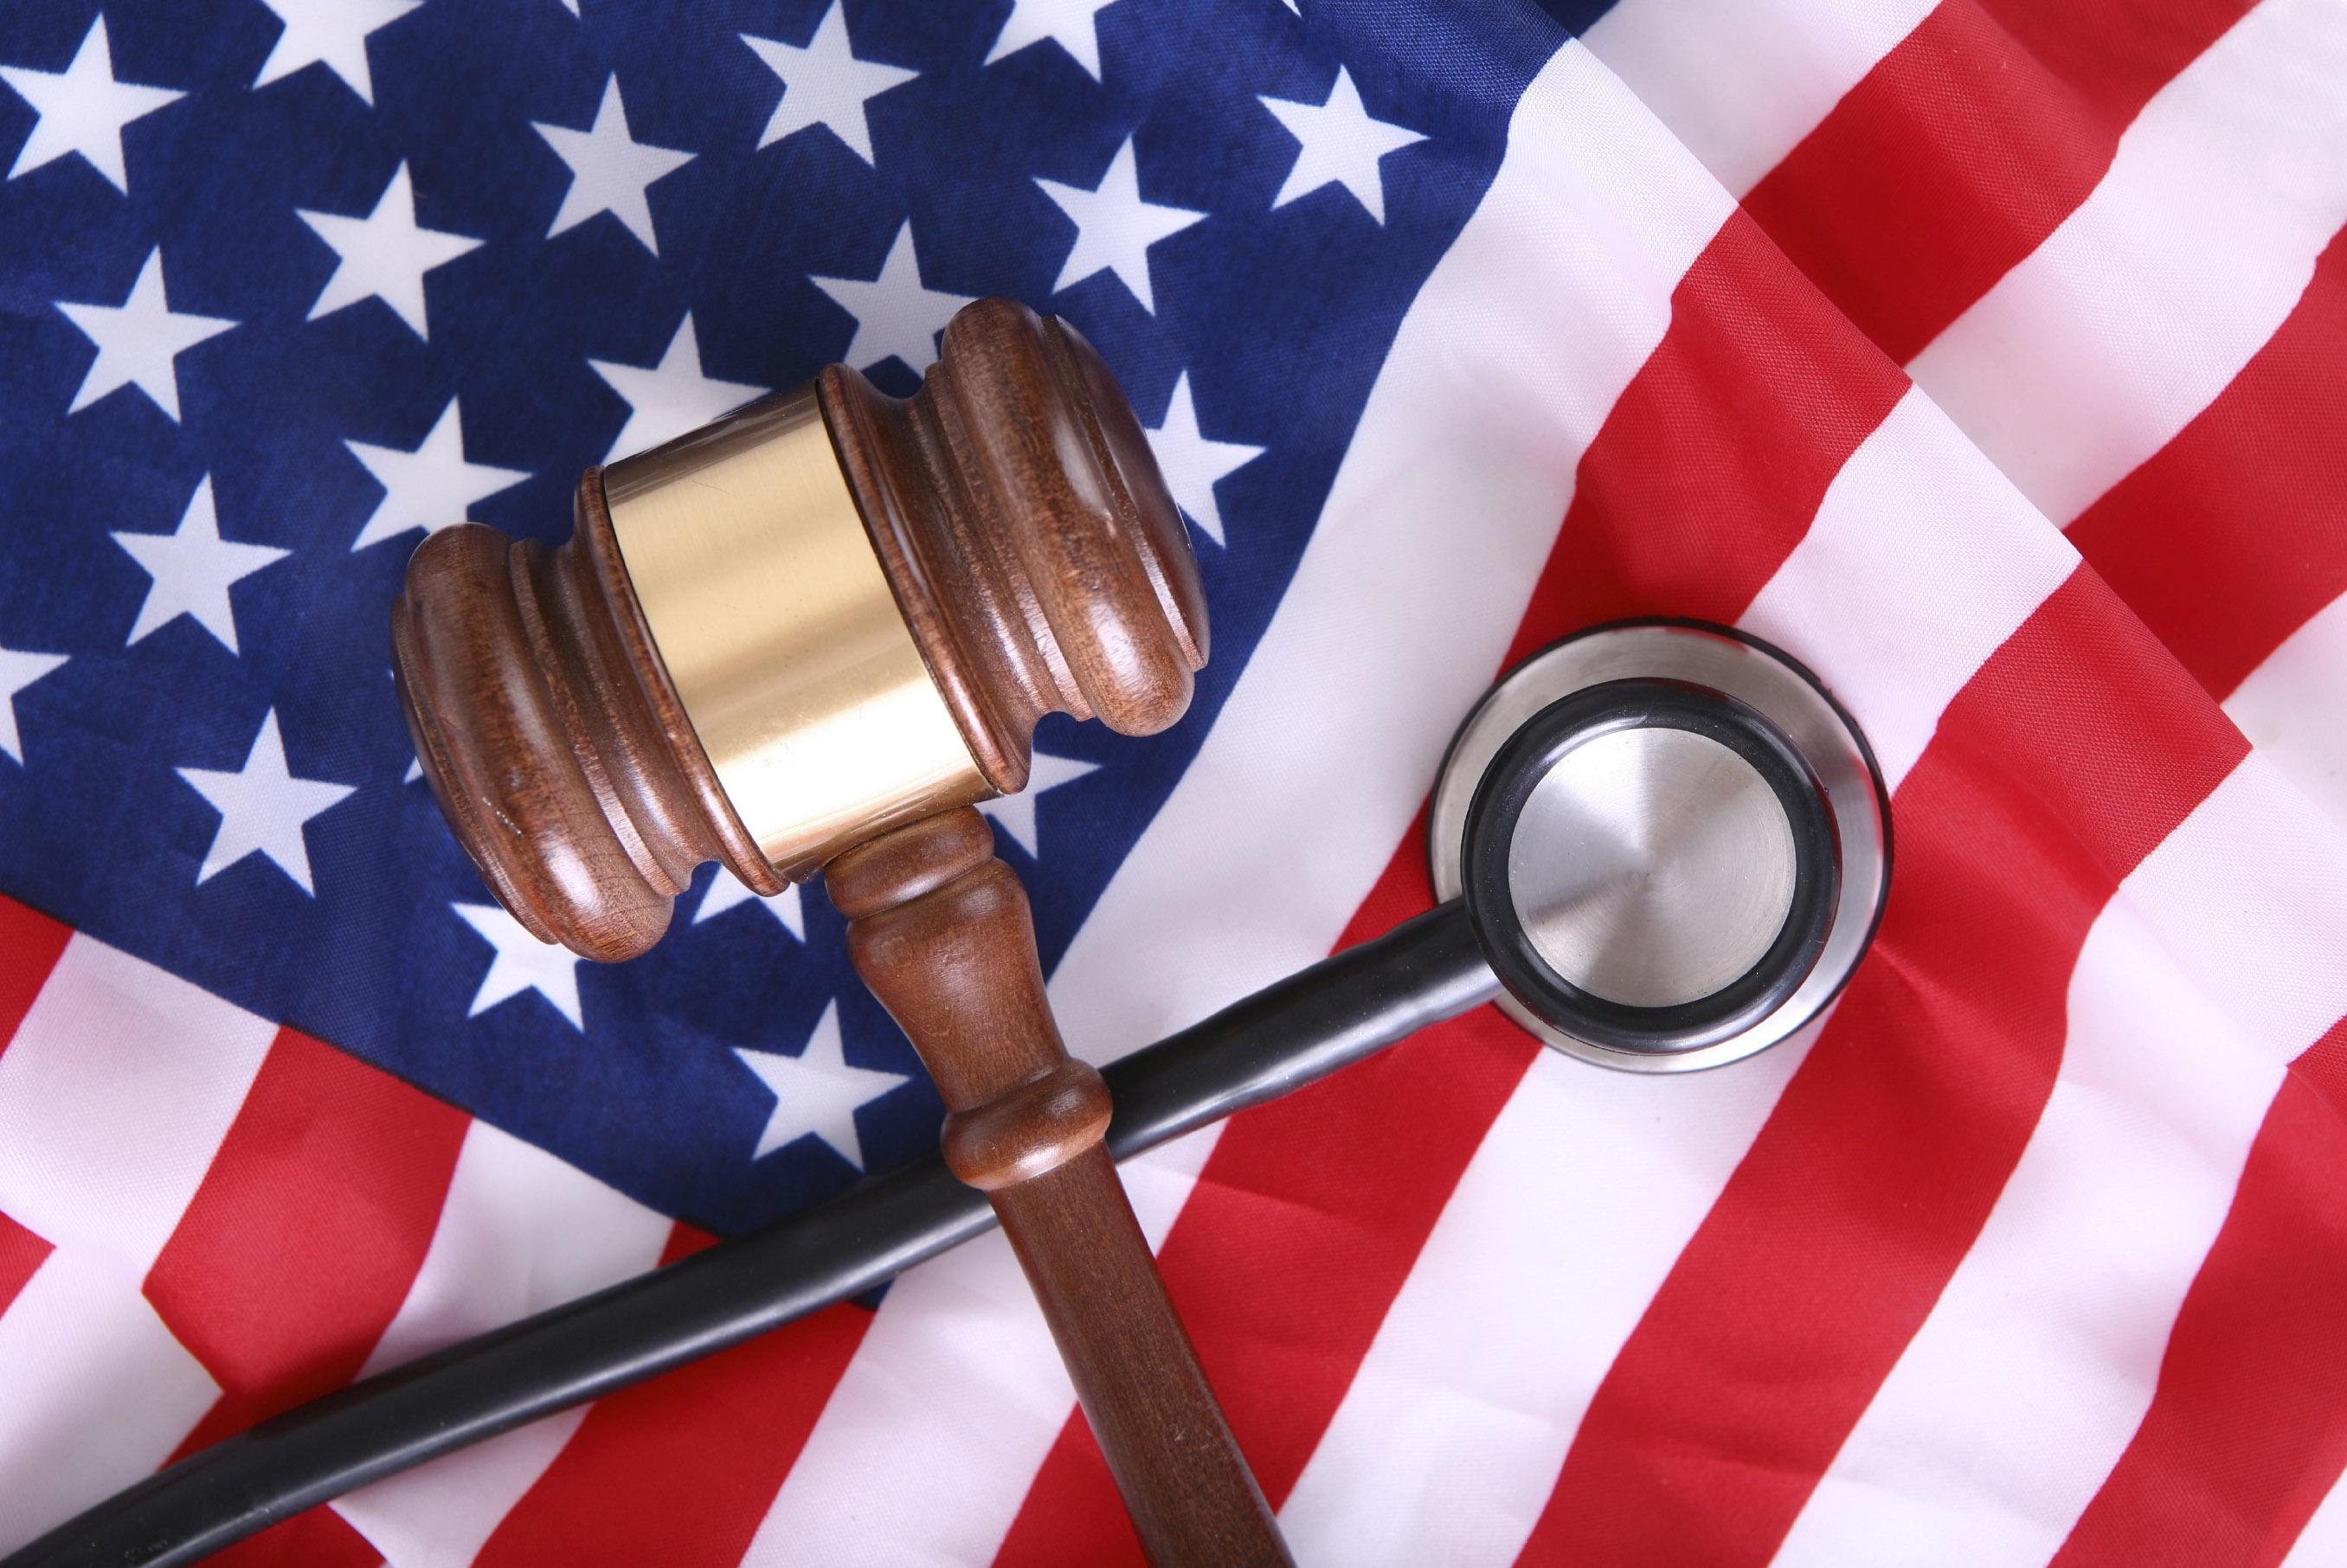 درس های سیستم خدمات درمانی آمریکا